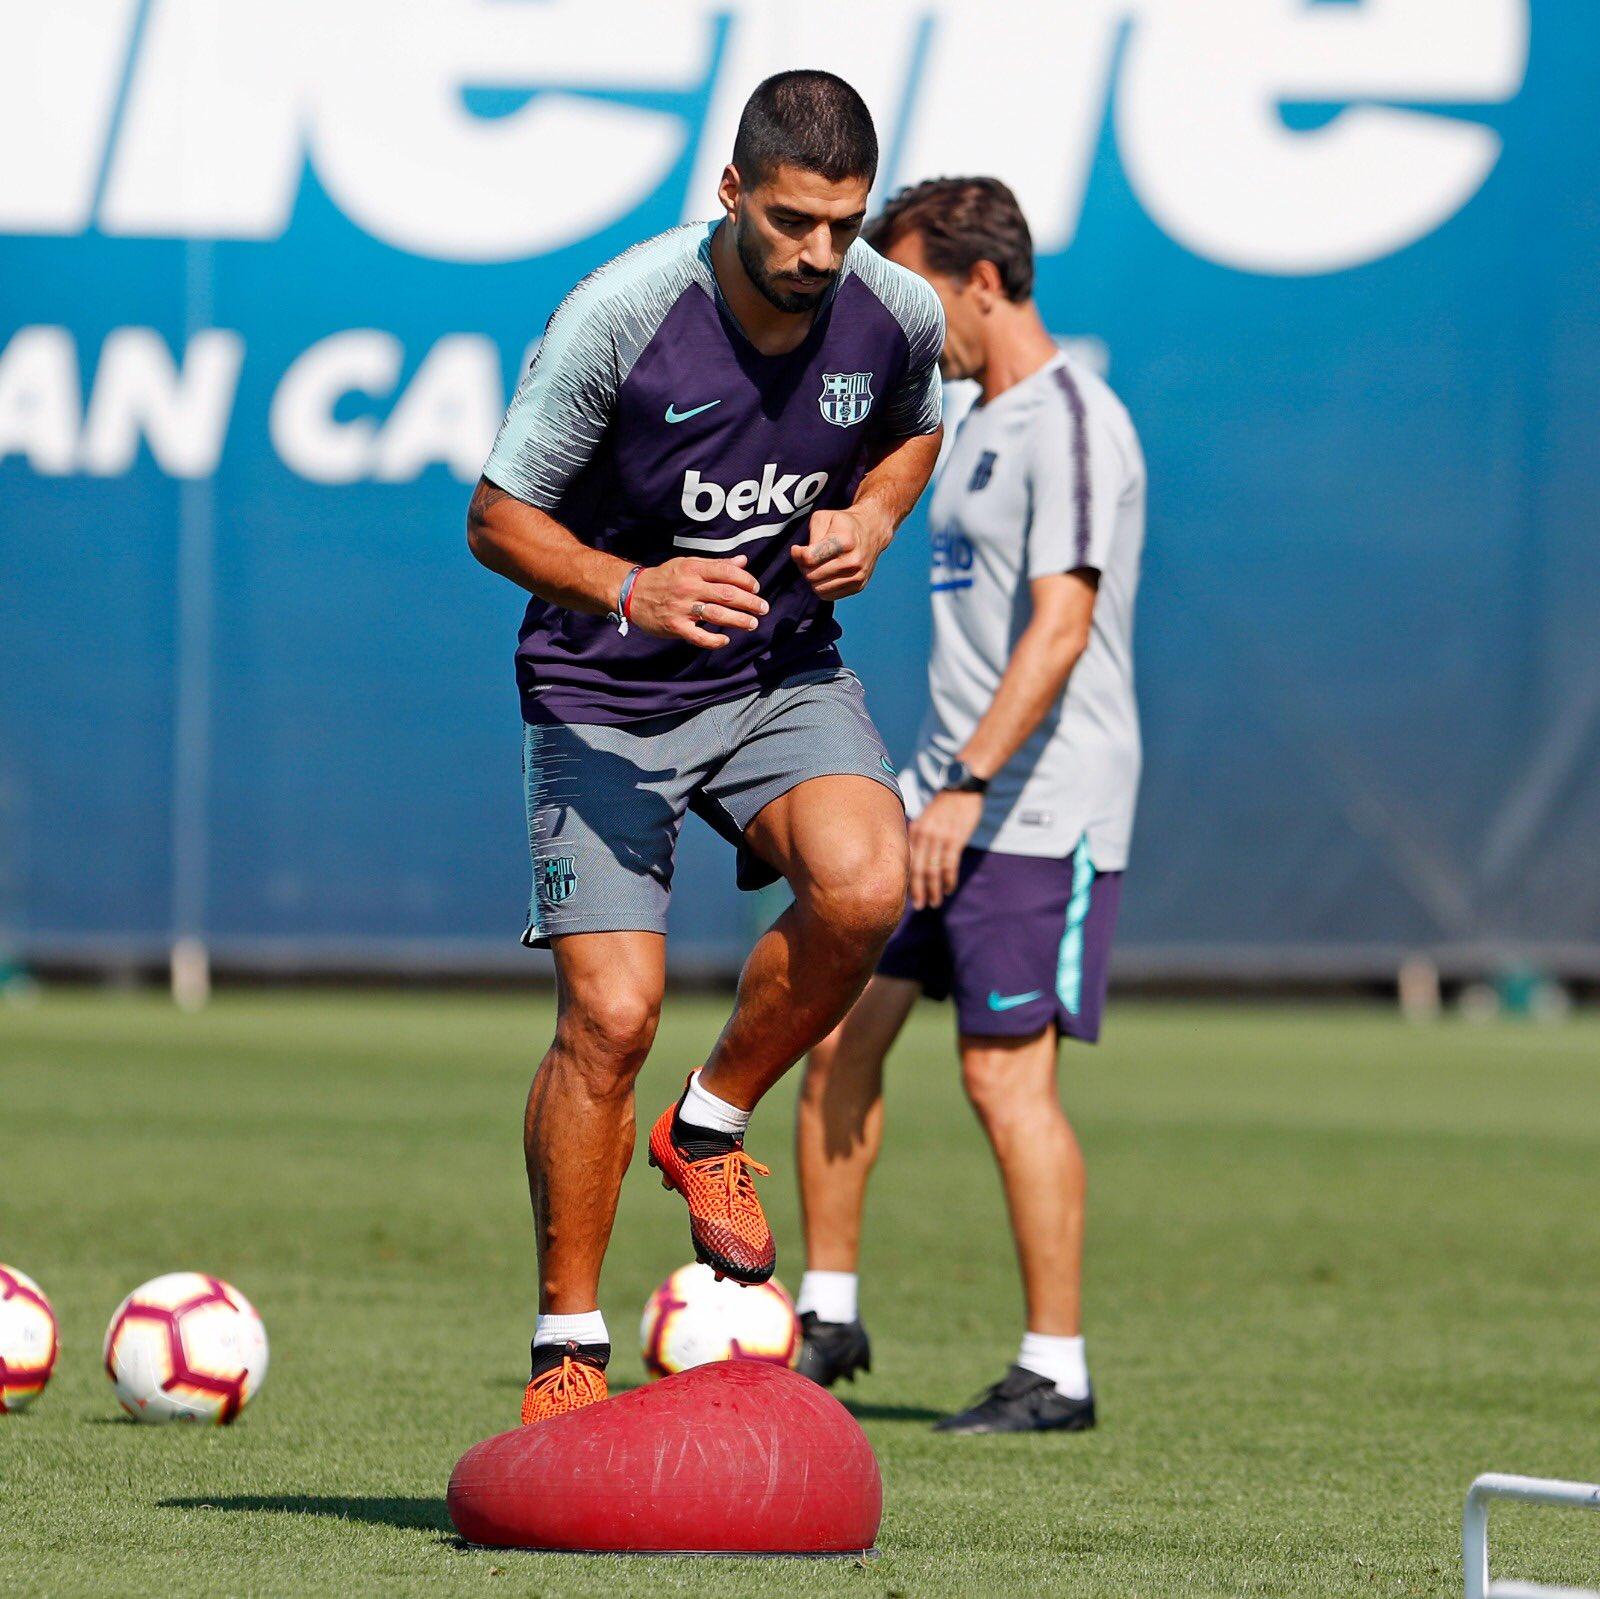 تدريبات مكثفة في برشلونة استعداداً لمباراة الأحد ضد جيرونا 21-09-2018 DnnarXKUcAANWw-